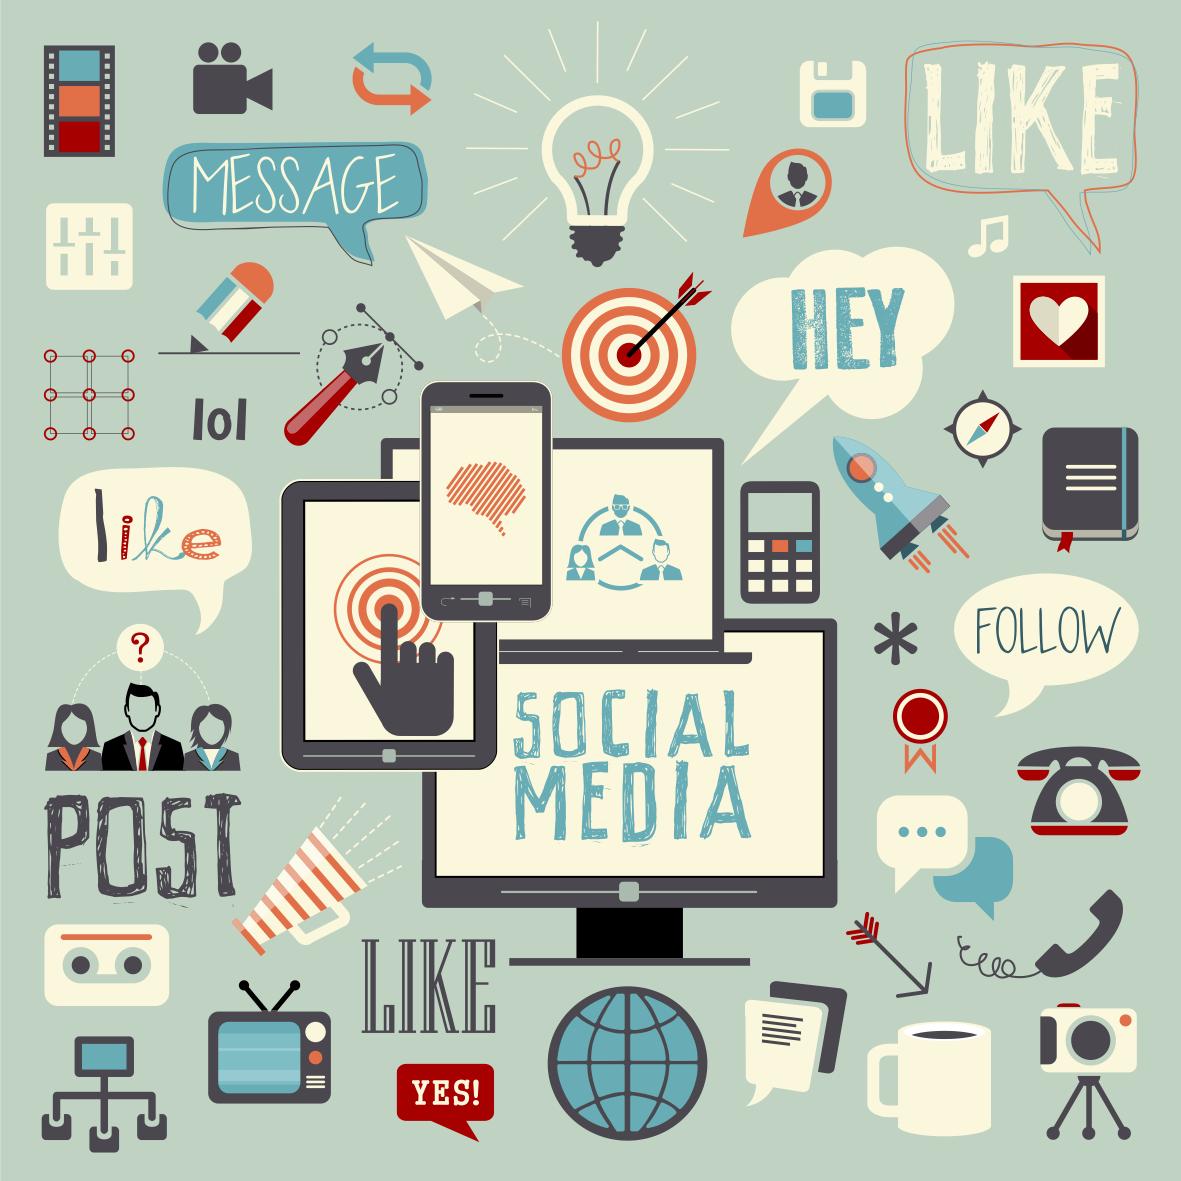 Kontakt zu unserer Social Media Marketing Agentur aufnehmen